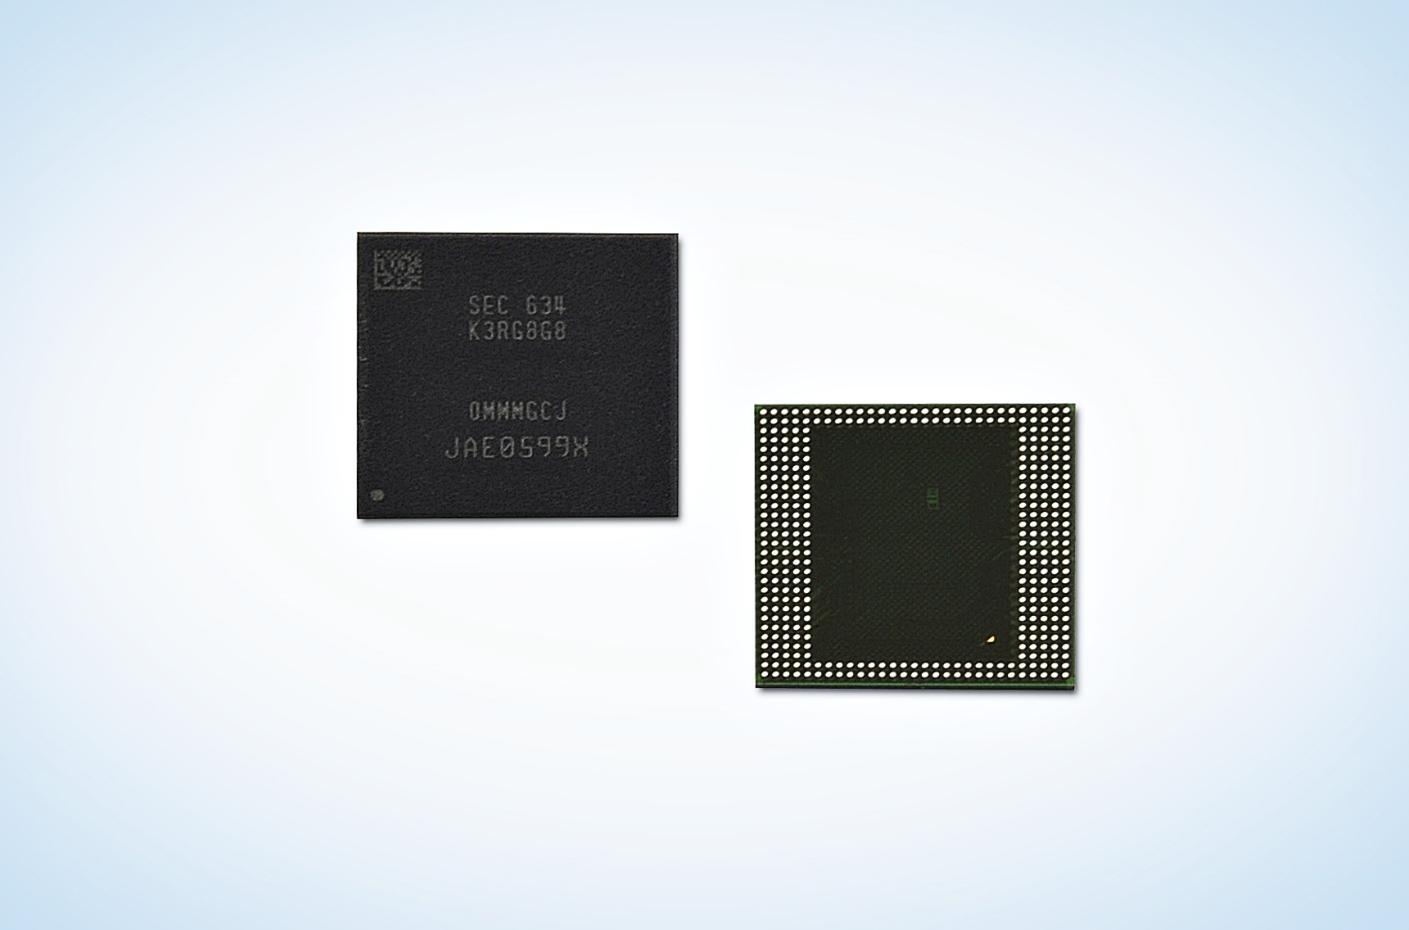 Samsung débute la production de puces LPDDR4 de 8 Go